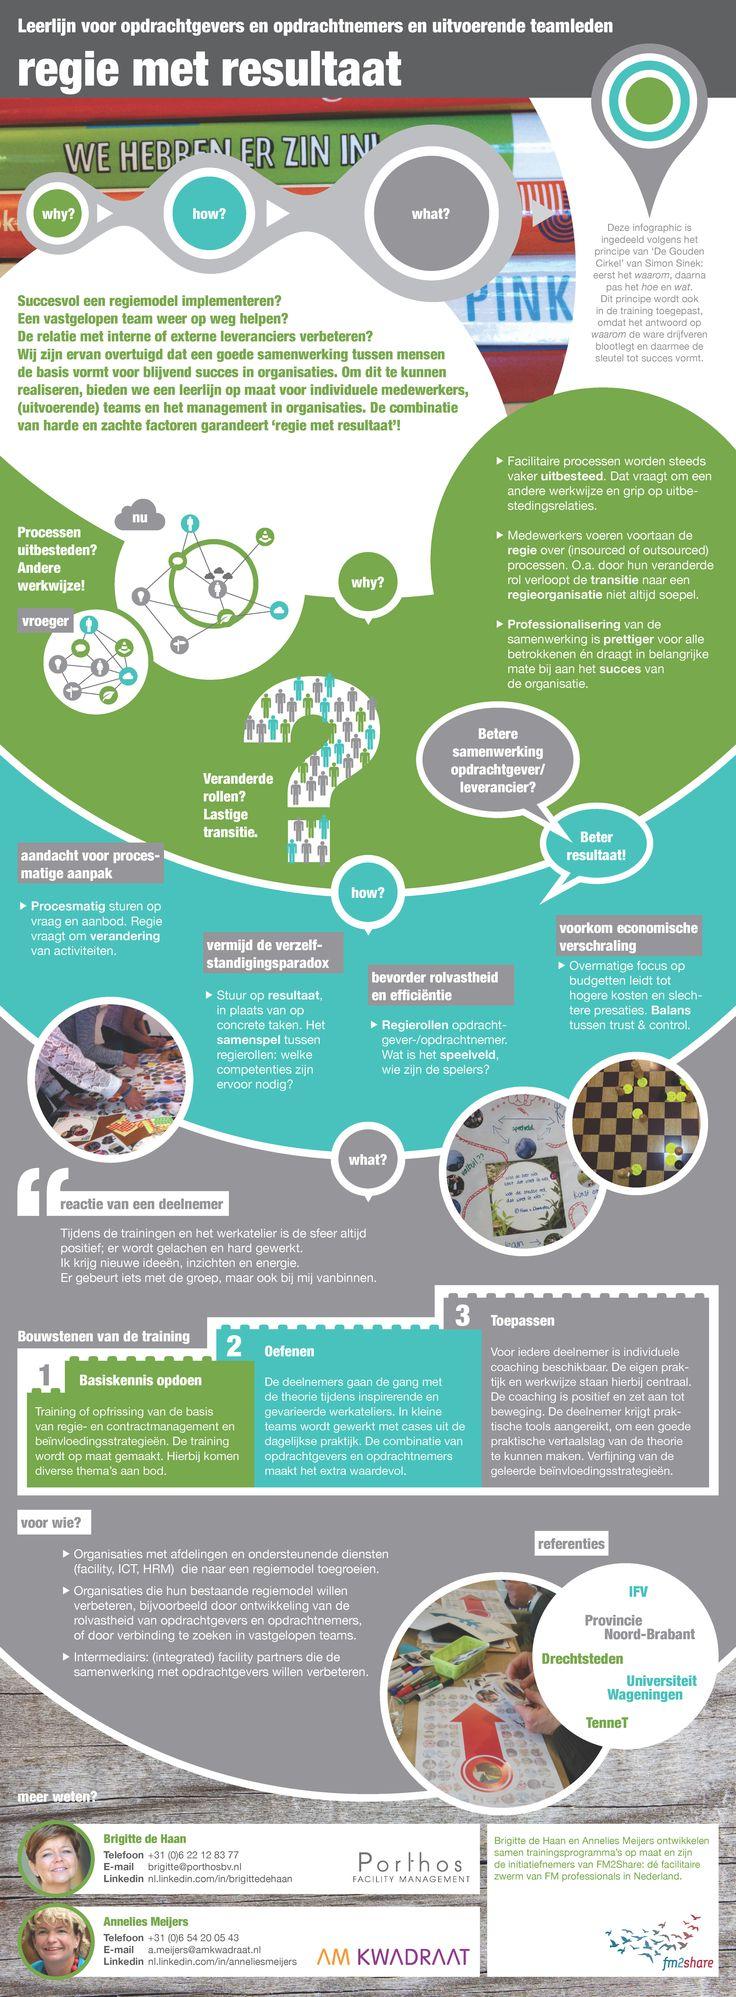 Infographic Porthos & AM Kwadraat: training 'Regie met resultaat'.